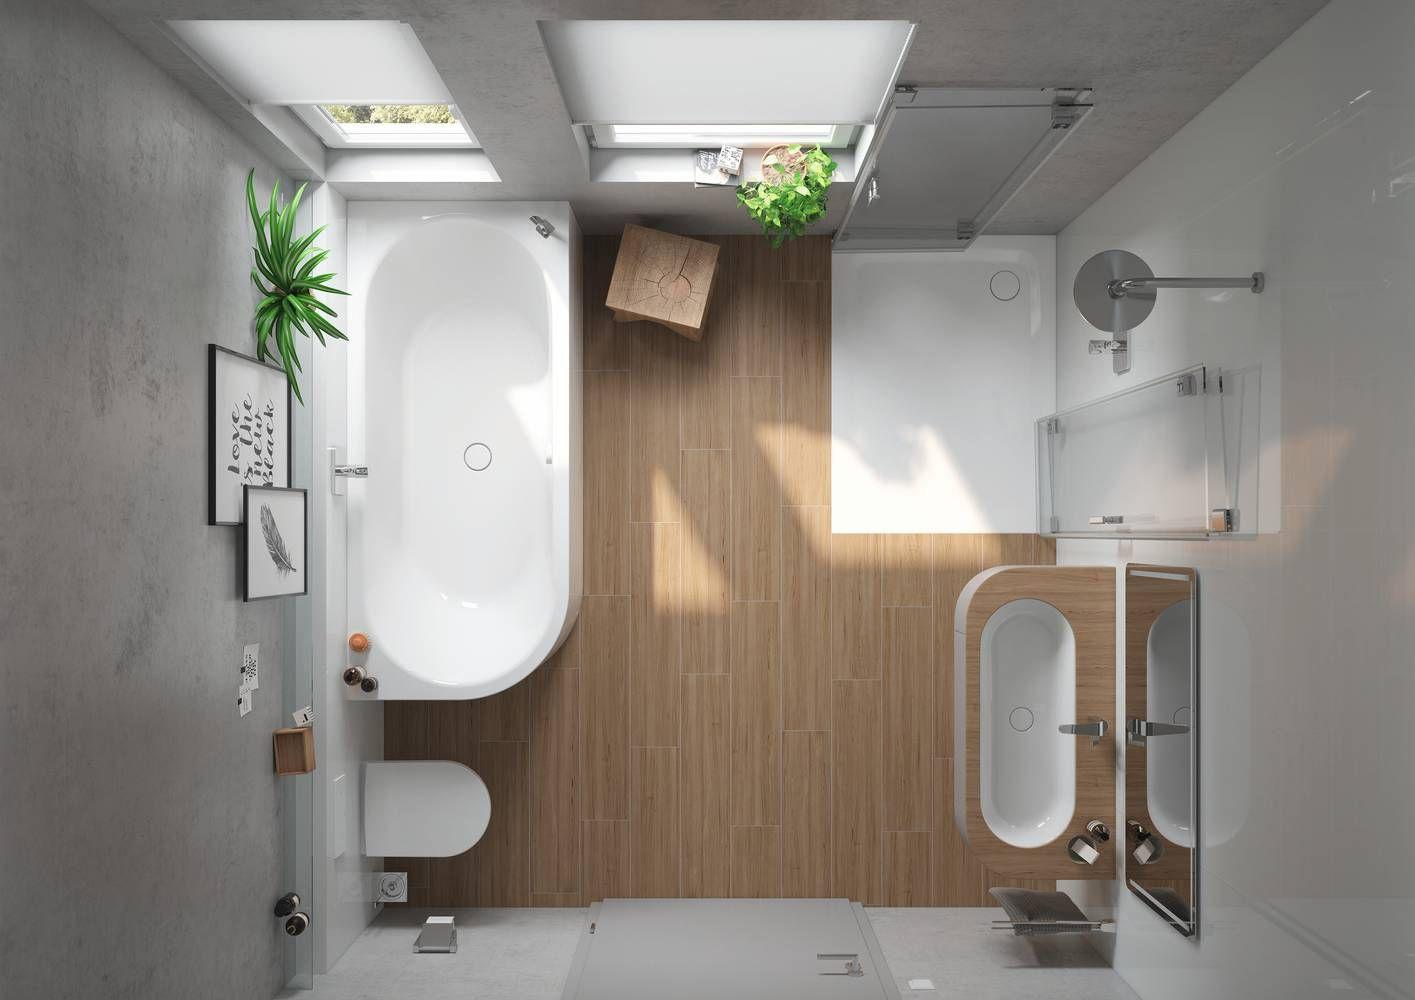 12 Qualifiziert Bild Von Badezimmer Fliesen Streichen Lassen